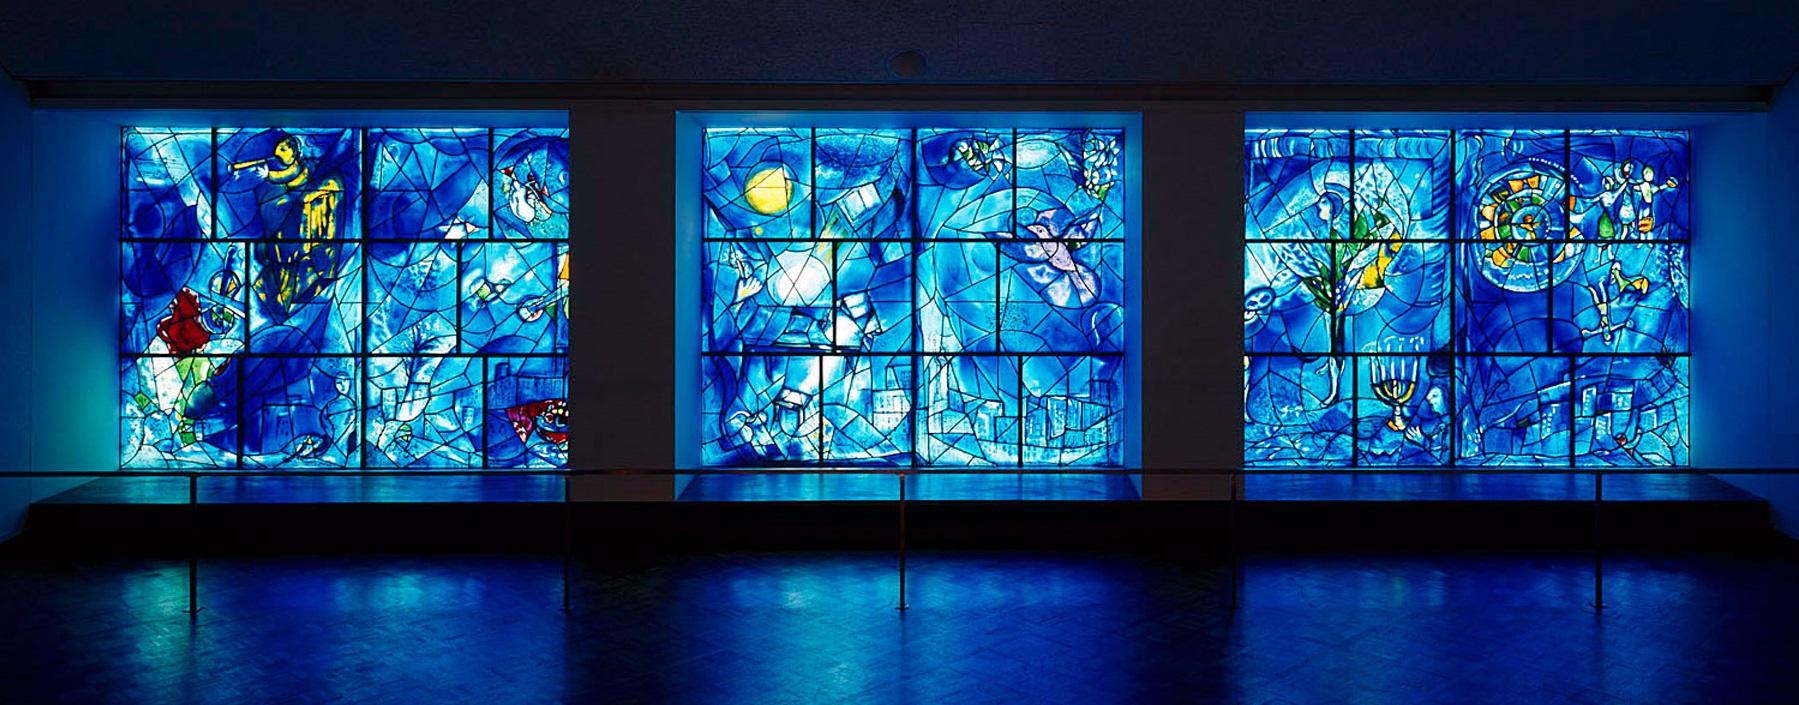 موزهی ملی هنر بلاروس، مهد فرهنگ و هنر از جاذبه های مینسک